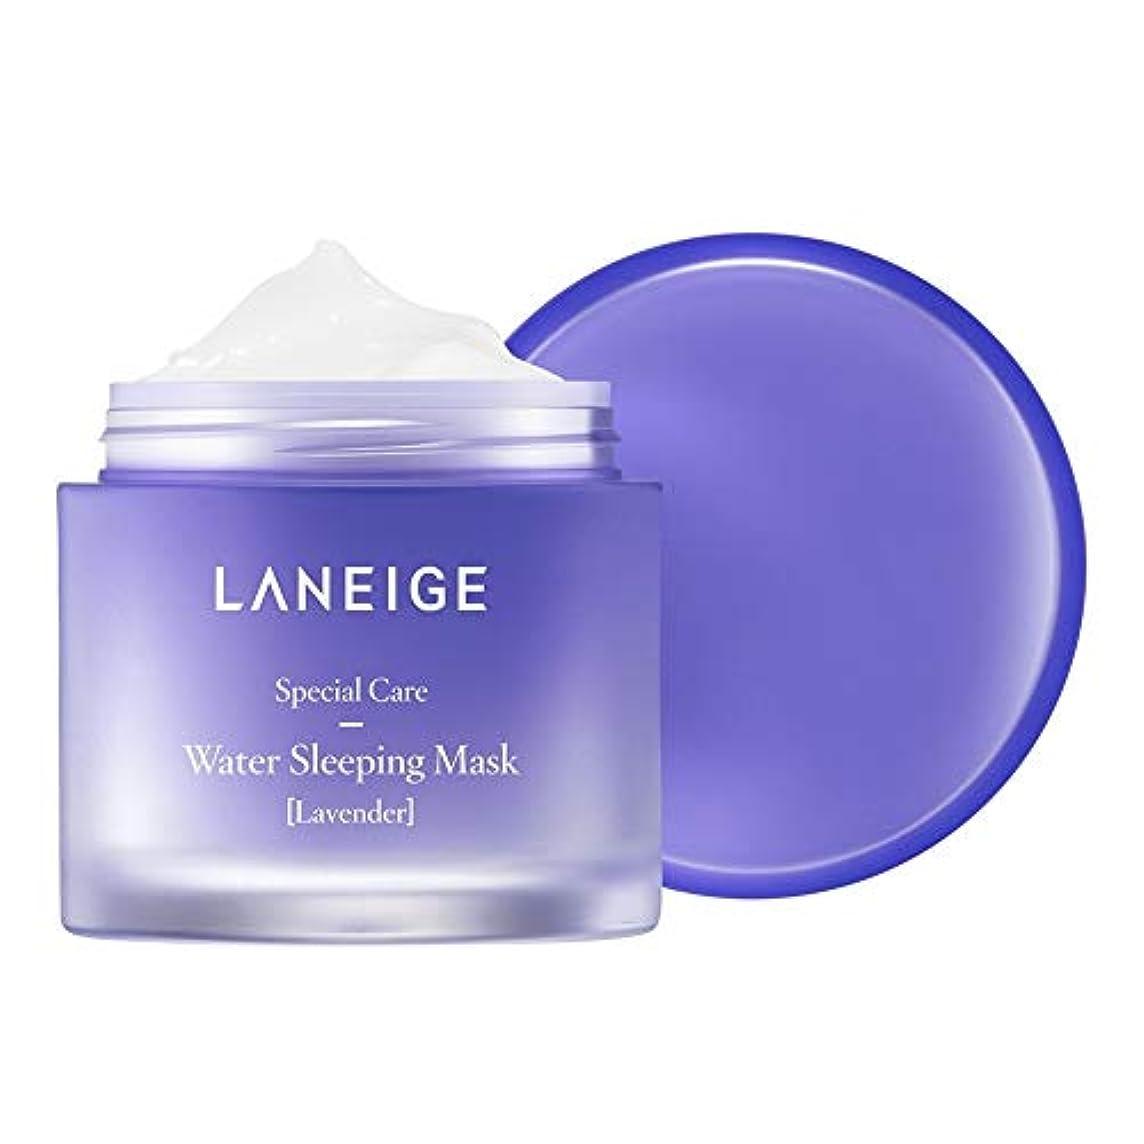 韓国呼吸ビットLANEIGE ラネージュ ウォータースリーピング マスク ラベンダー2017 New リフィルミーバージョン 70ml Water Sleeping Mask 2017 Lavender [海外直送品]